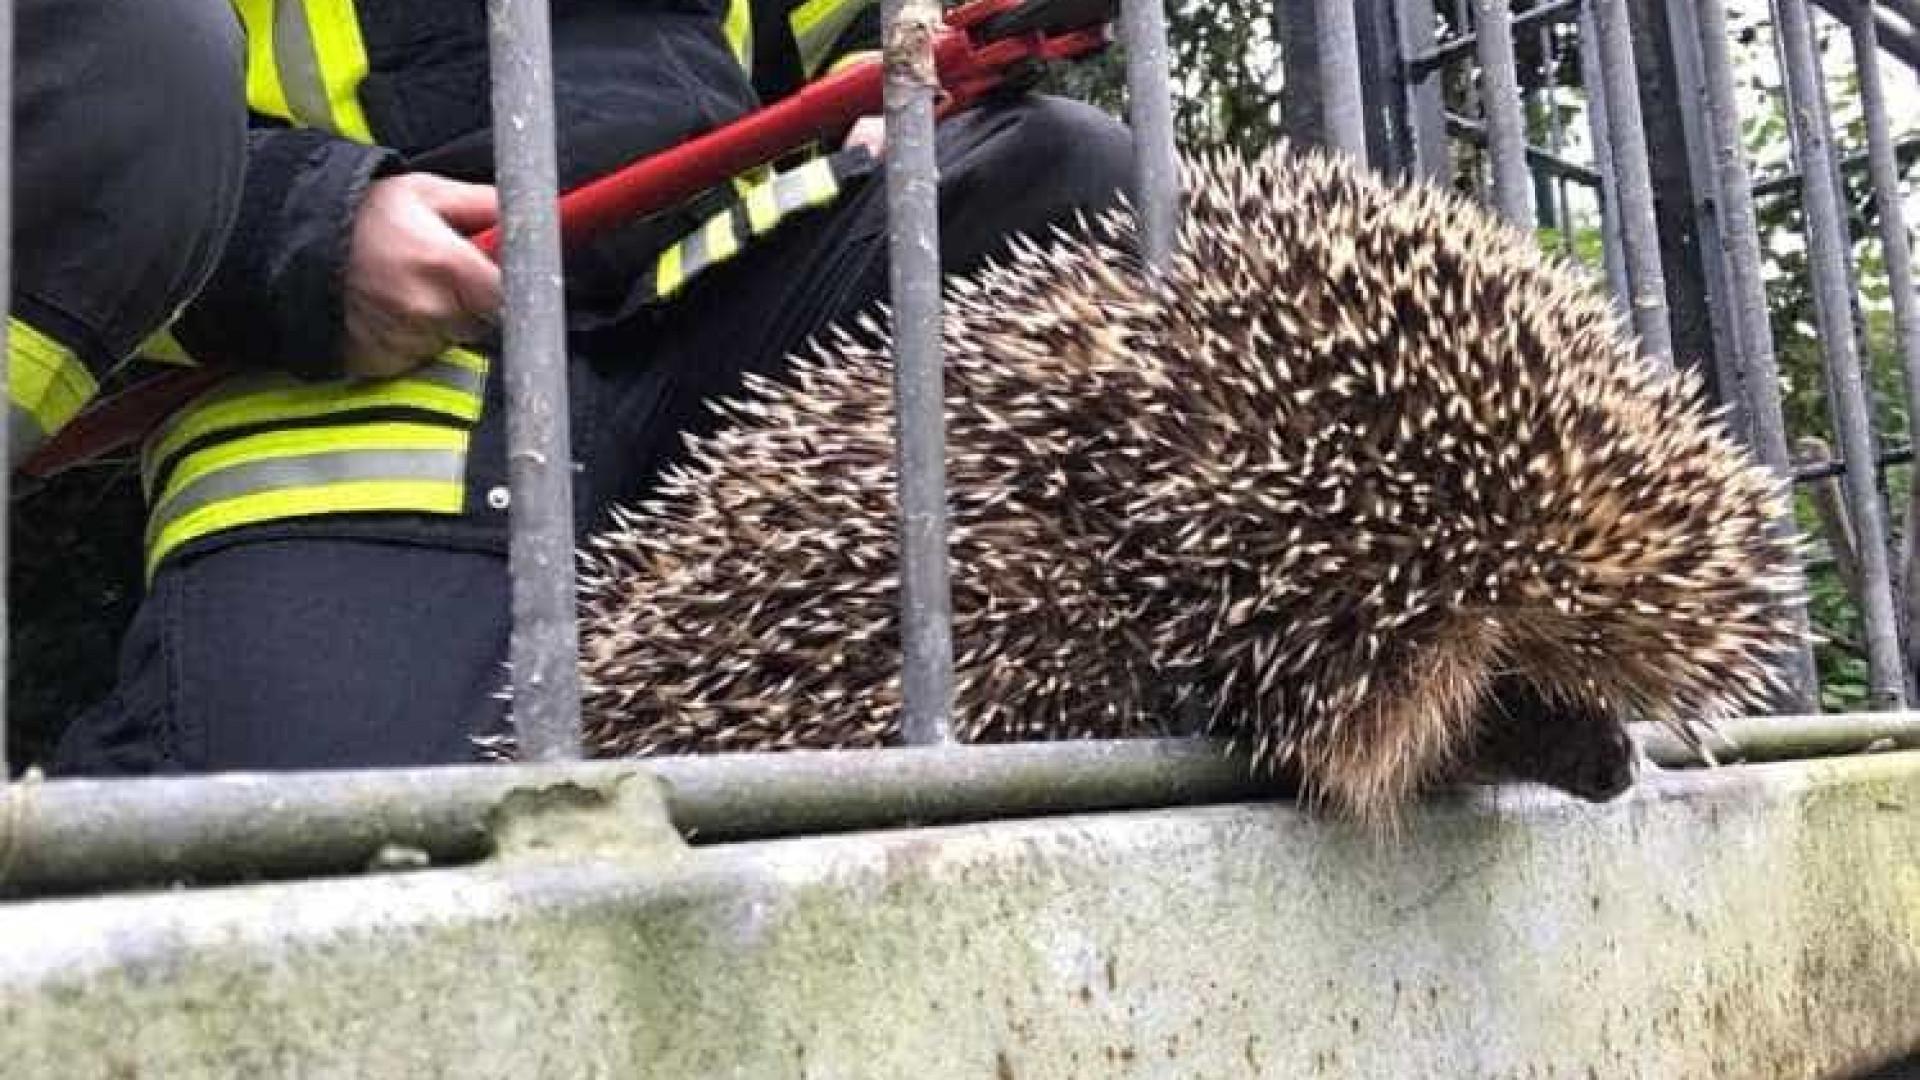 Bombeiros salvam porco-espinho preso em vedação